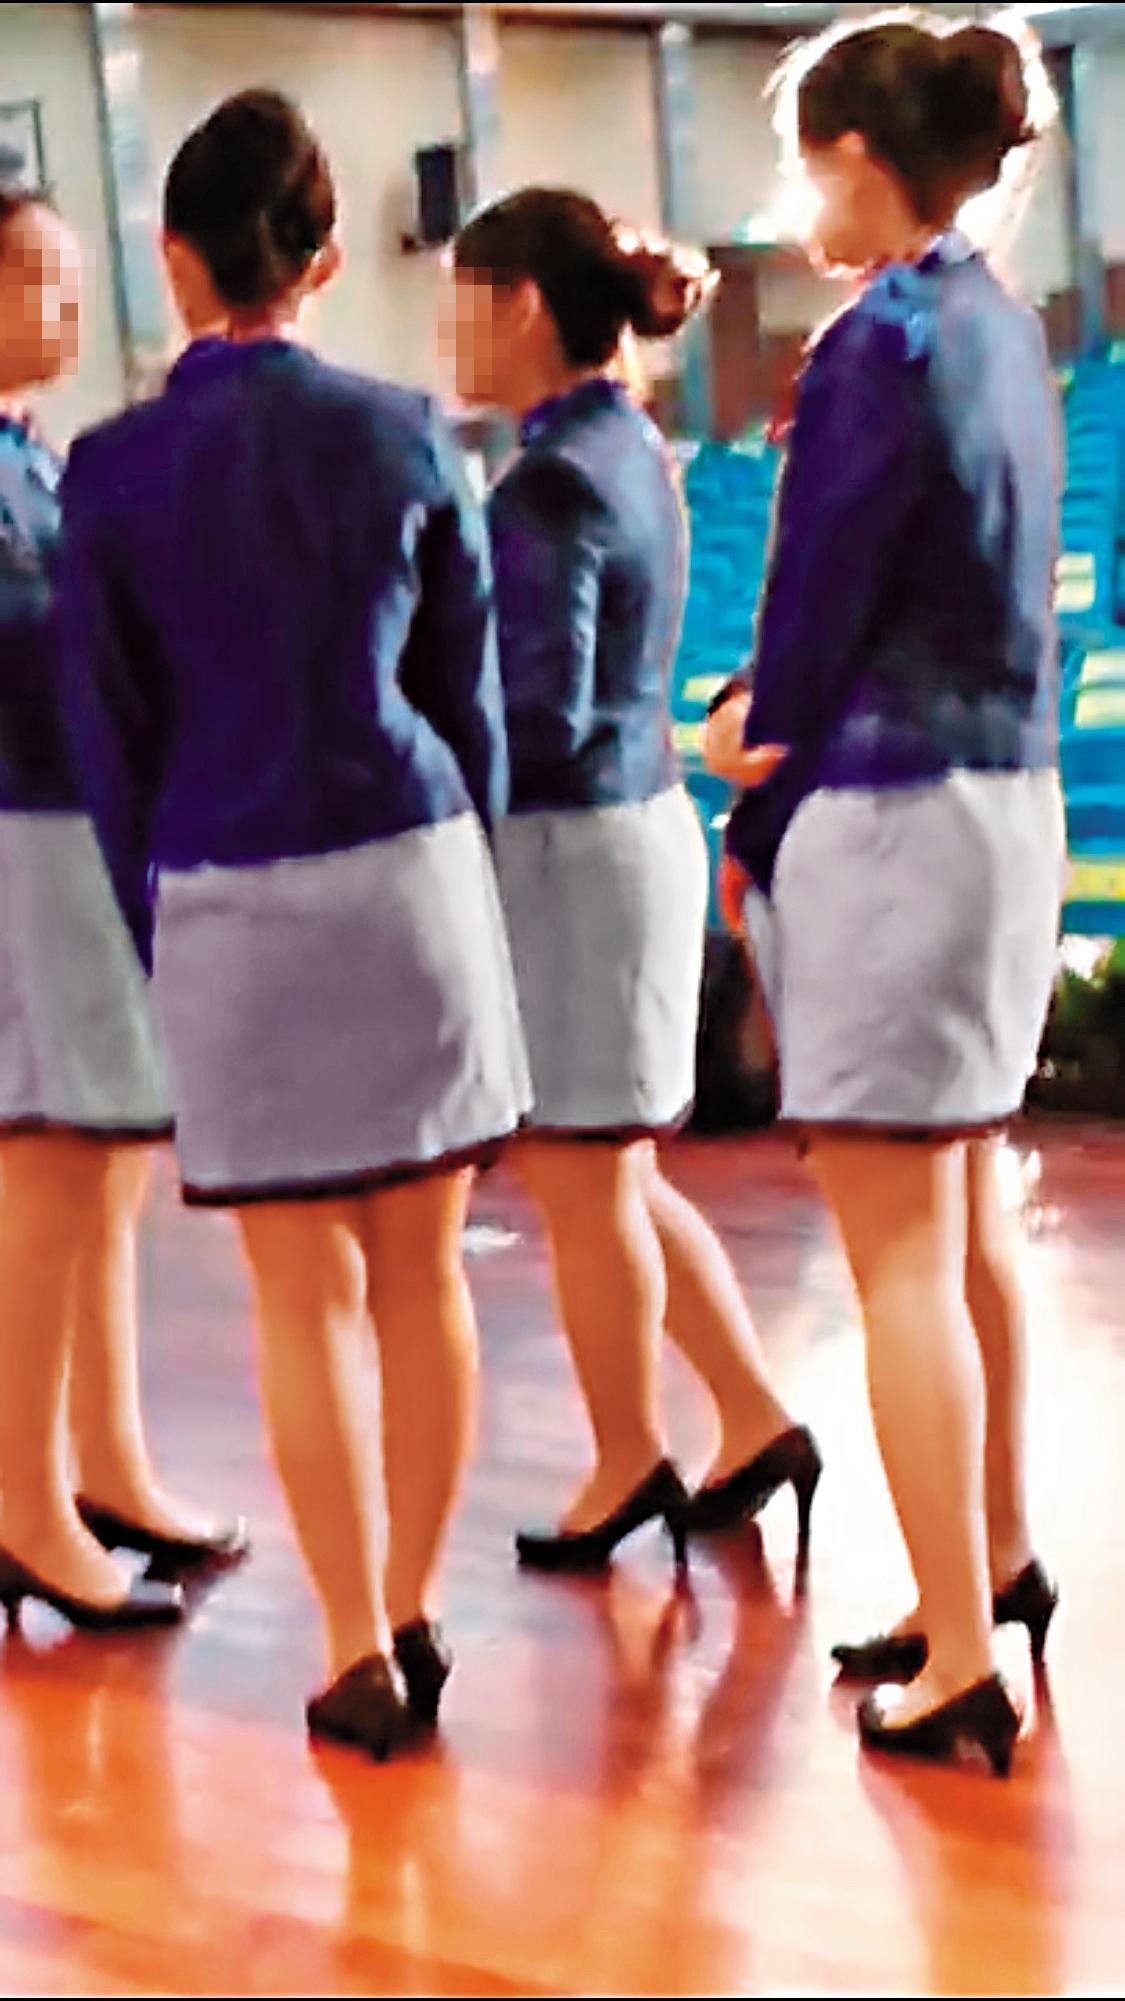 黃姓公務員見一群穿著短裙的正妹現身,立刻又偷錄美腿畫面珍藏。(為保護被害人,圖片已變色處理)